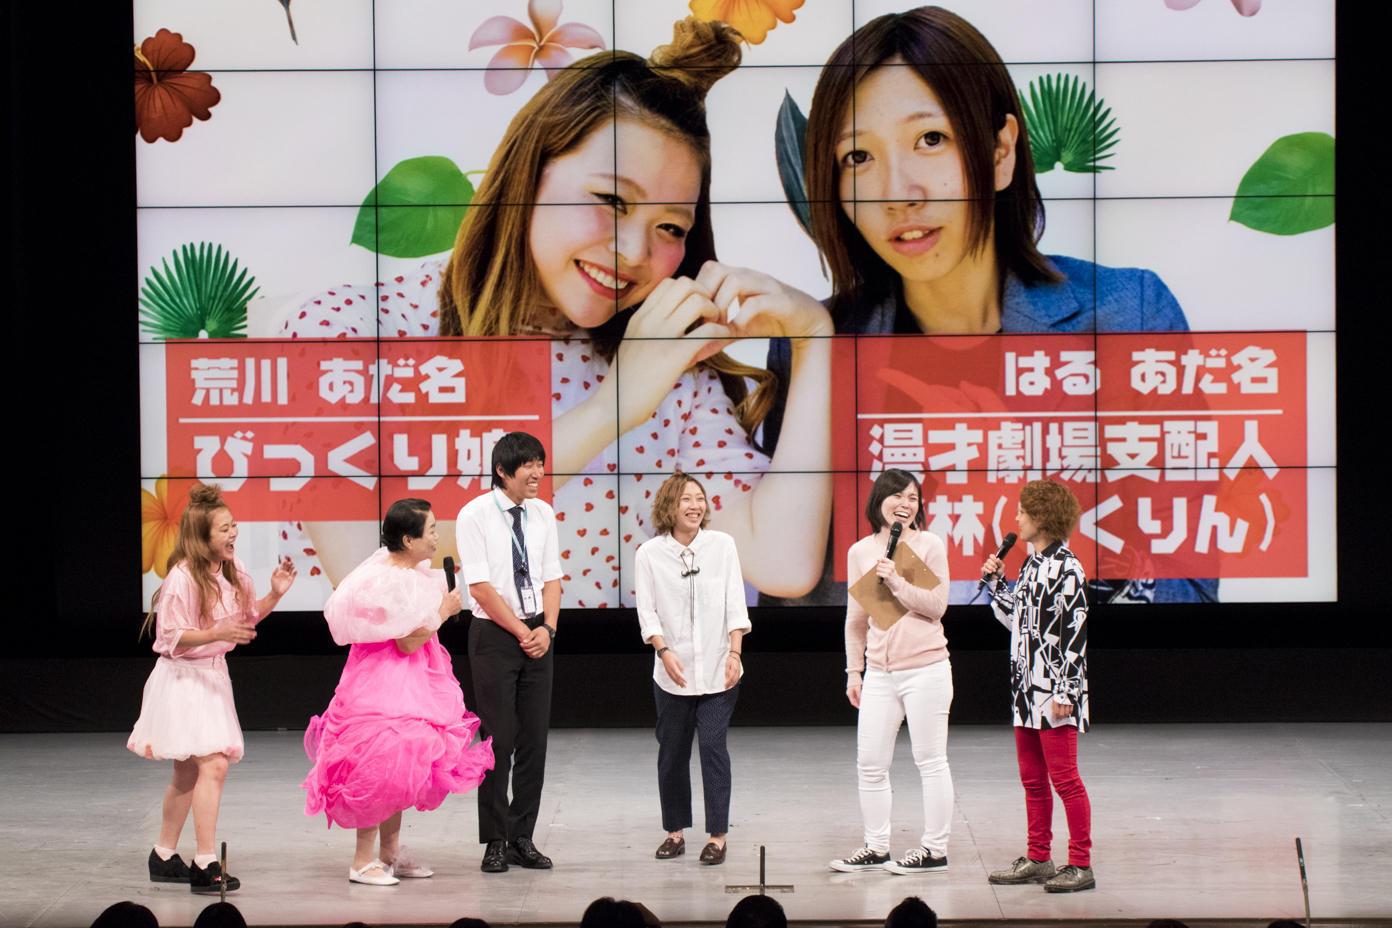 http://news.yoshimoto.co.jp/20170907215837-ef4632a21005798763194278bd55690ffd1b8884.jpg